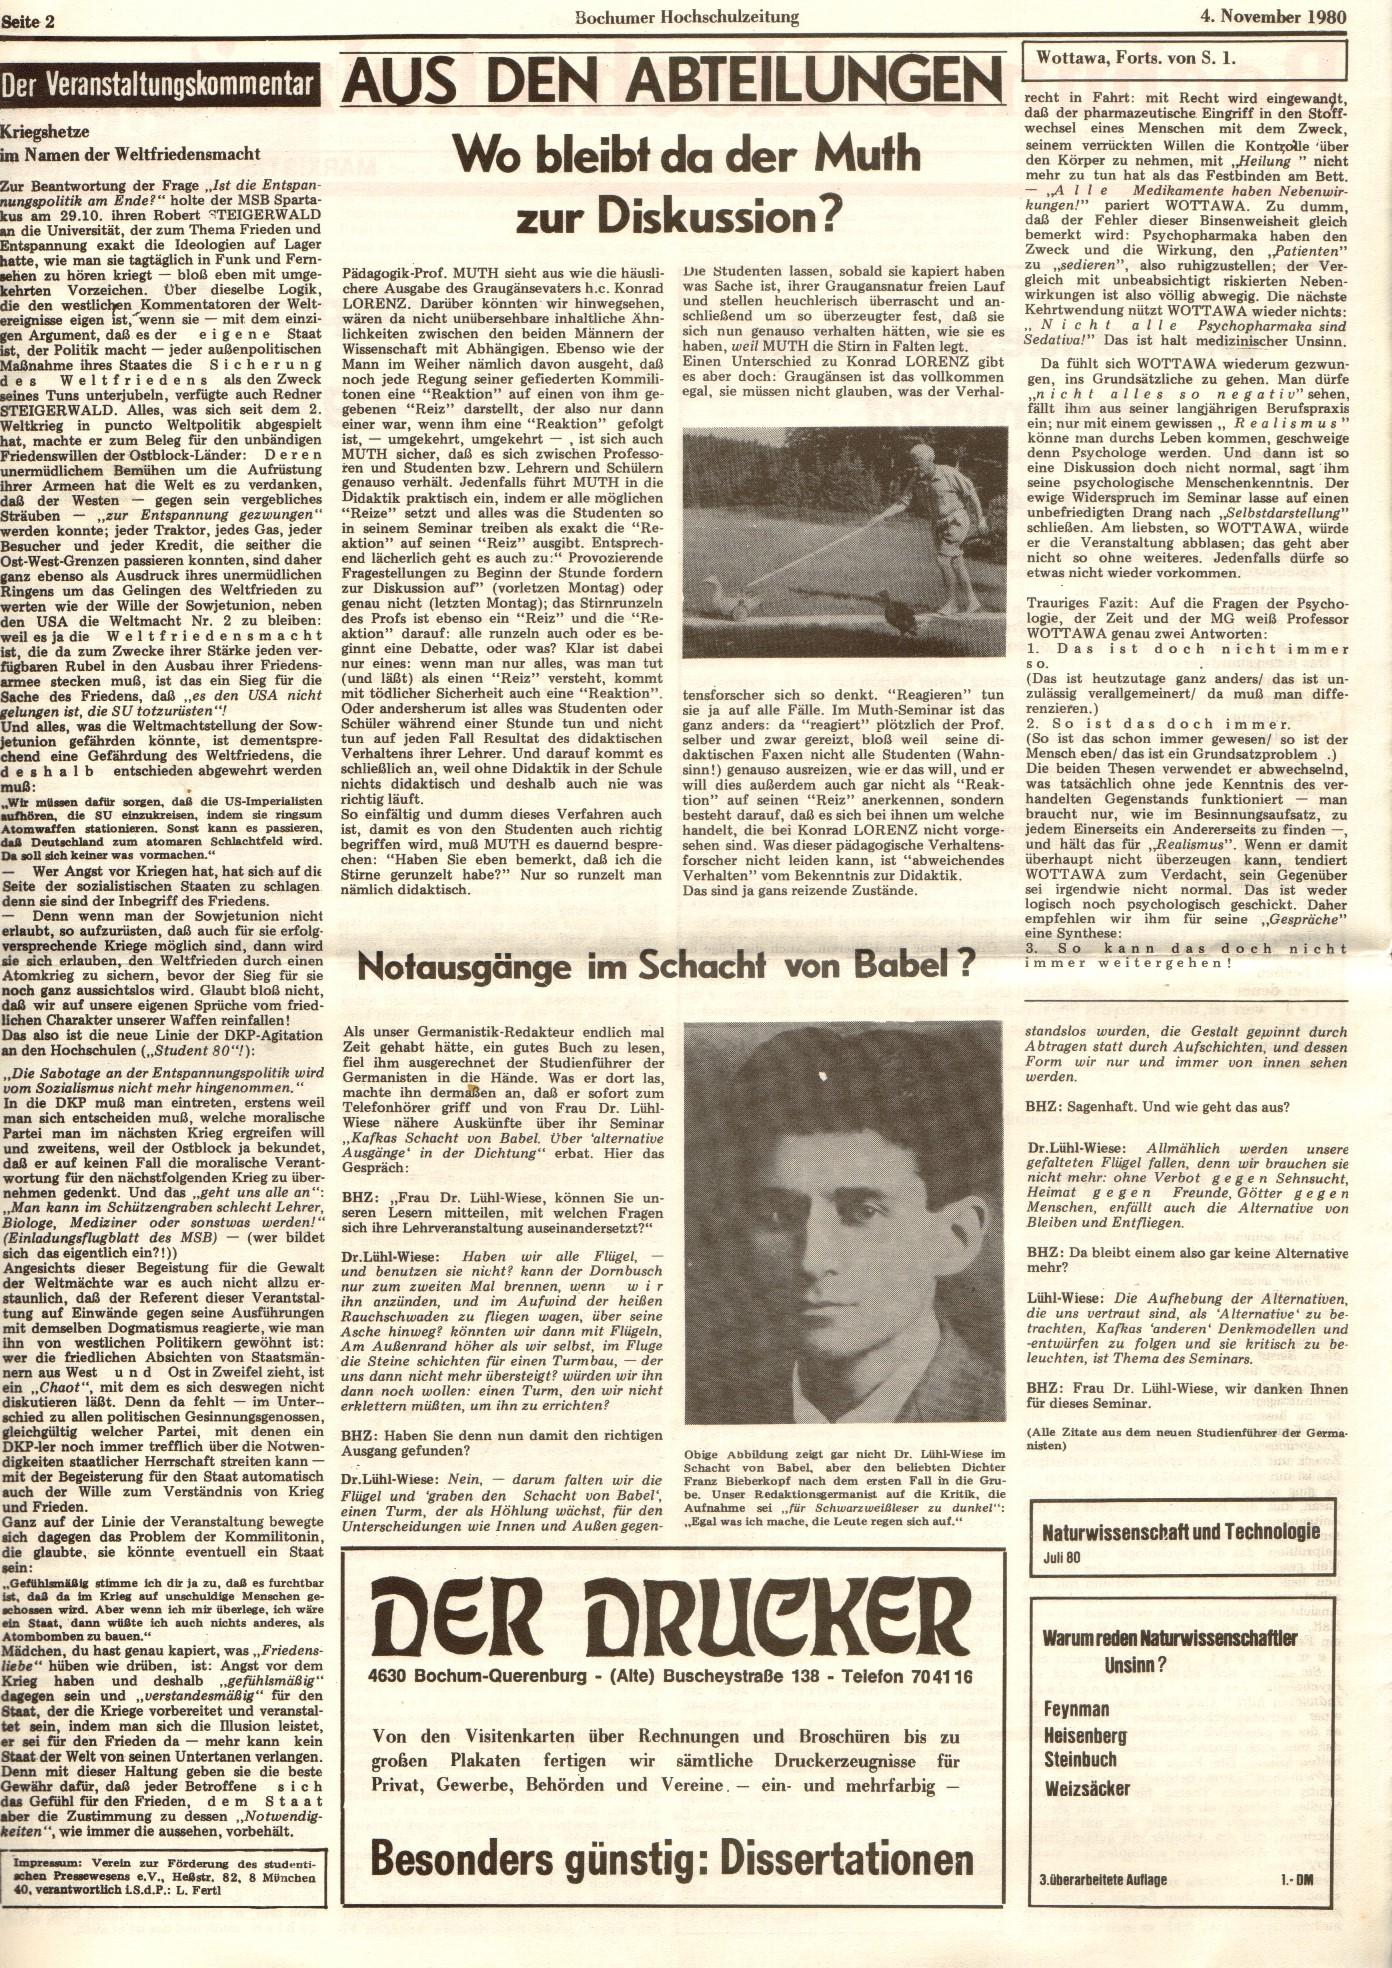 MG_Bochumer_Hochschulzeitung_19801104_02